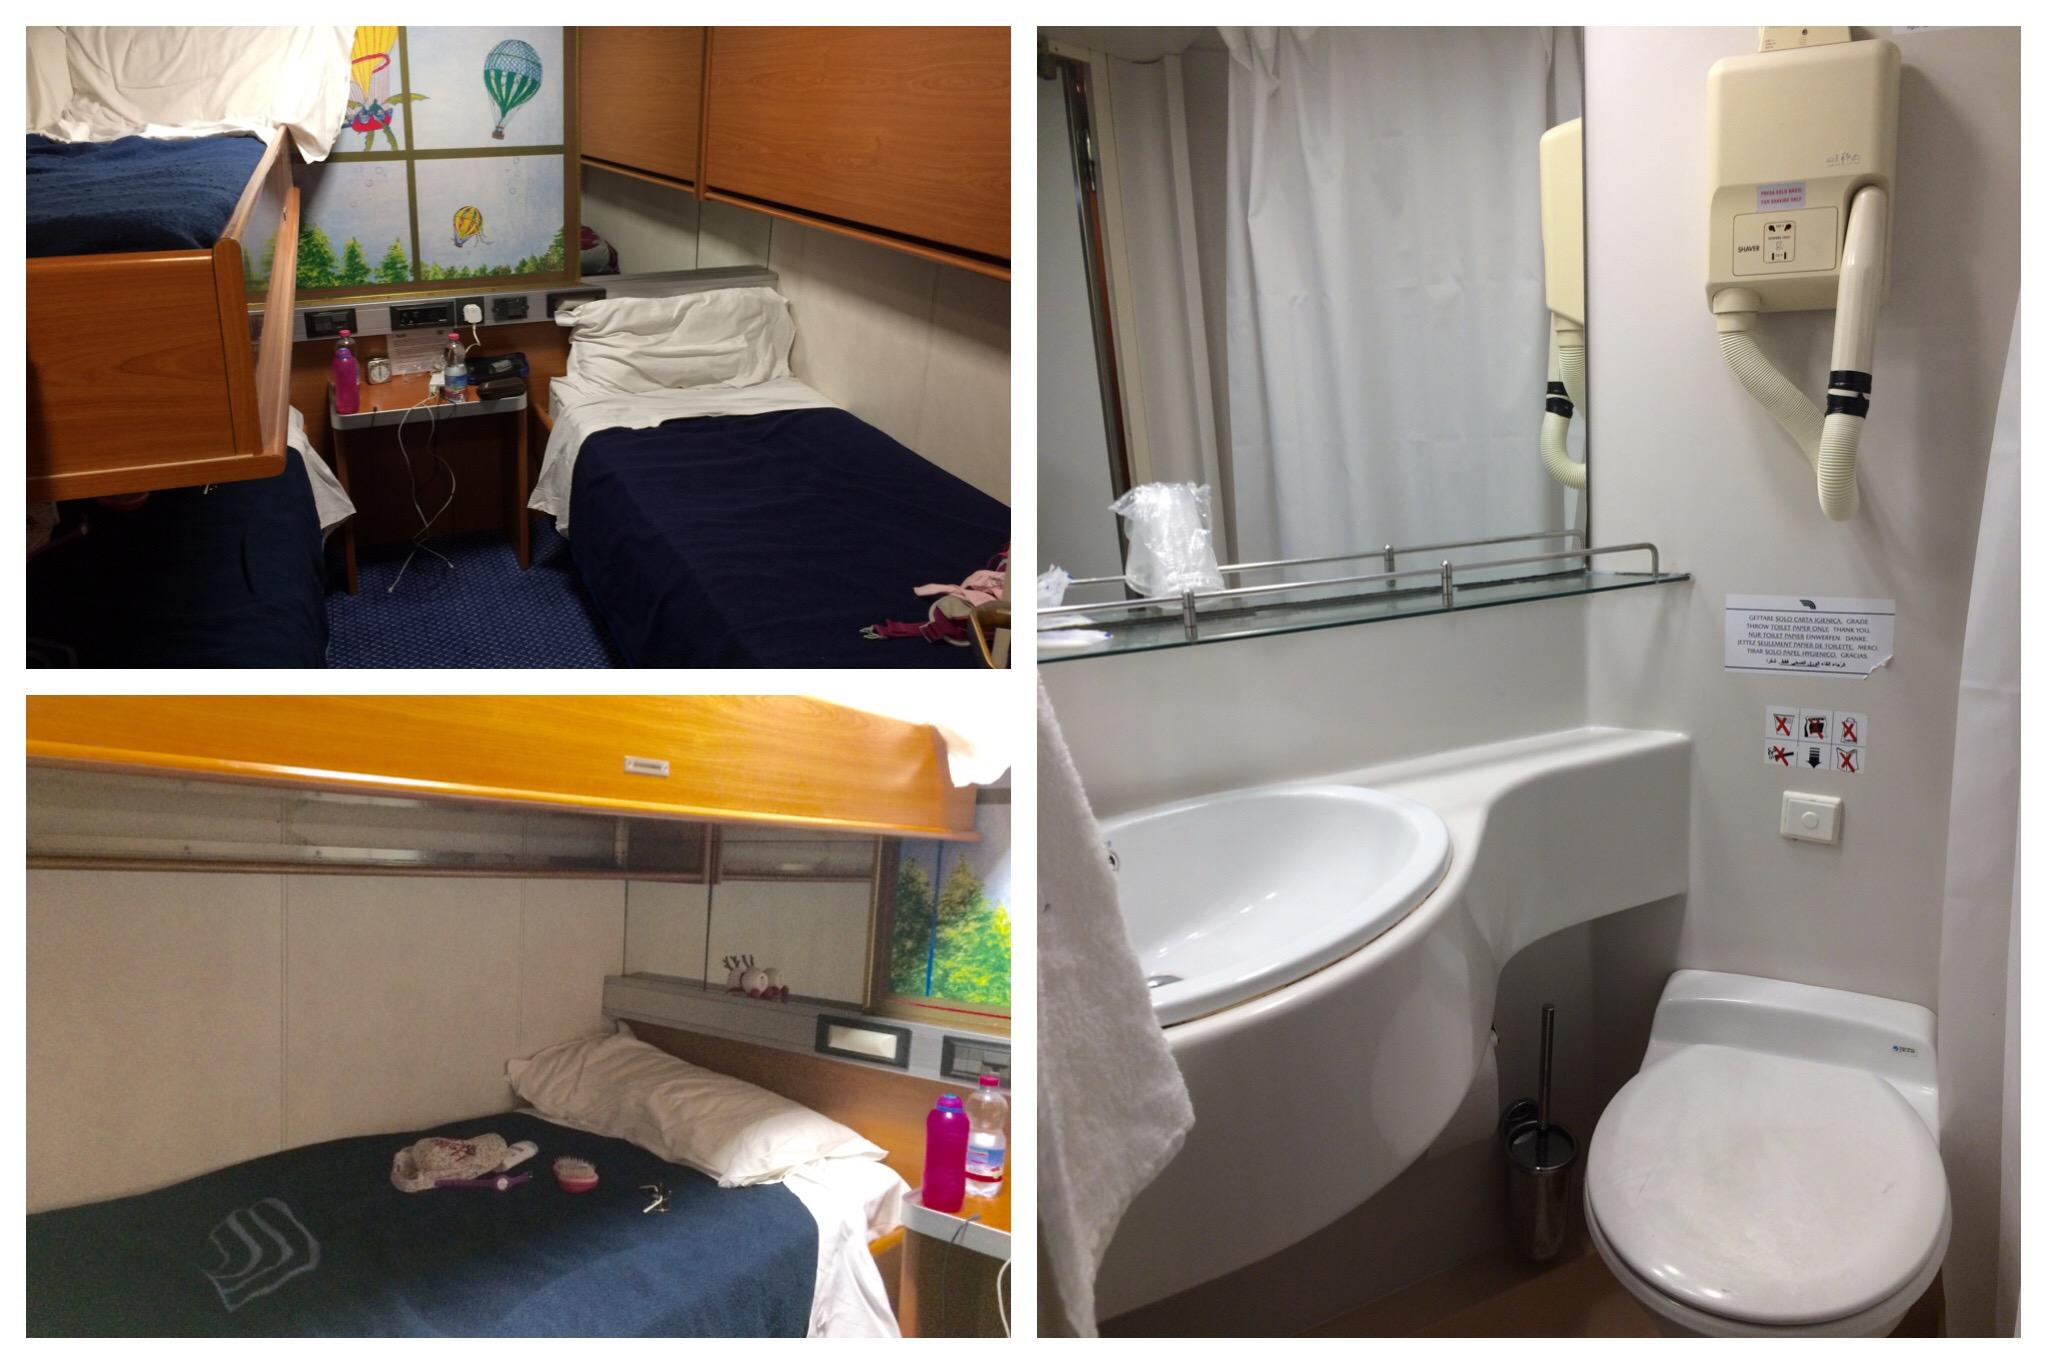 GNV ferry Barcelona to Genoa interior inside cabin